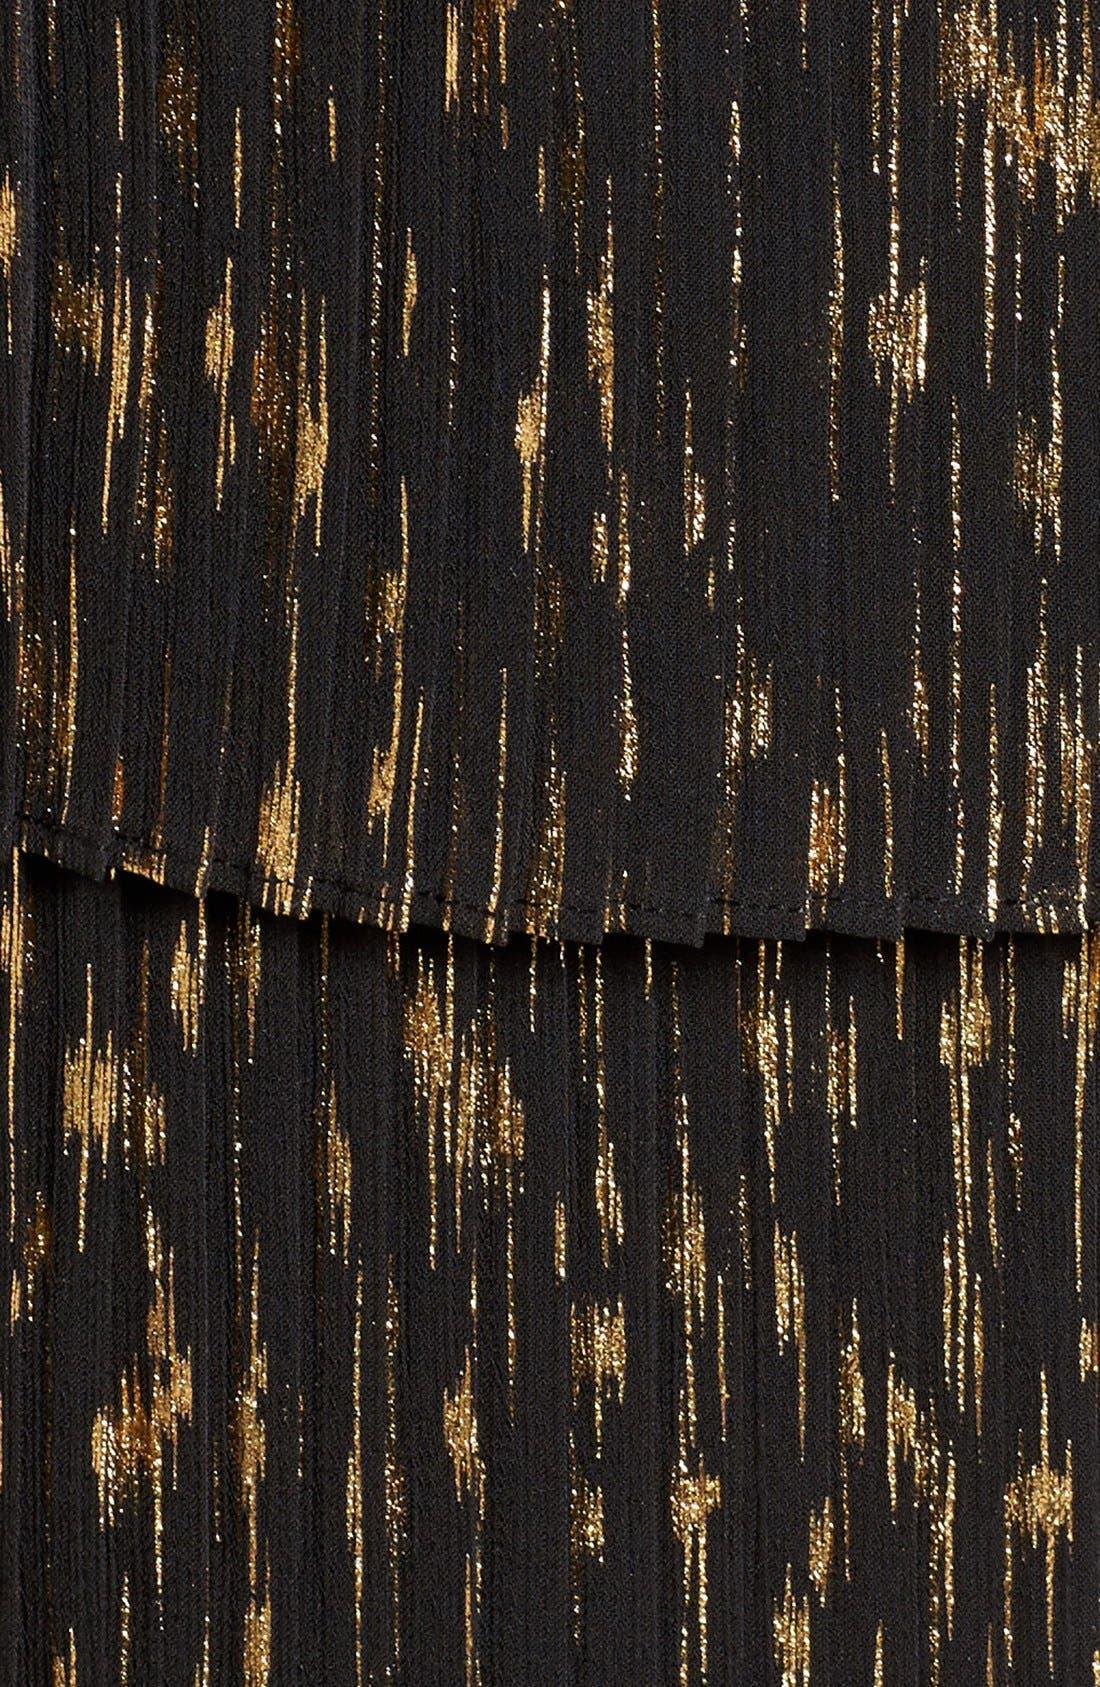 Tie Neck Blouse,                             Alternate thumbnail 6, color,                             Black- Gold Foil Combo